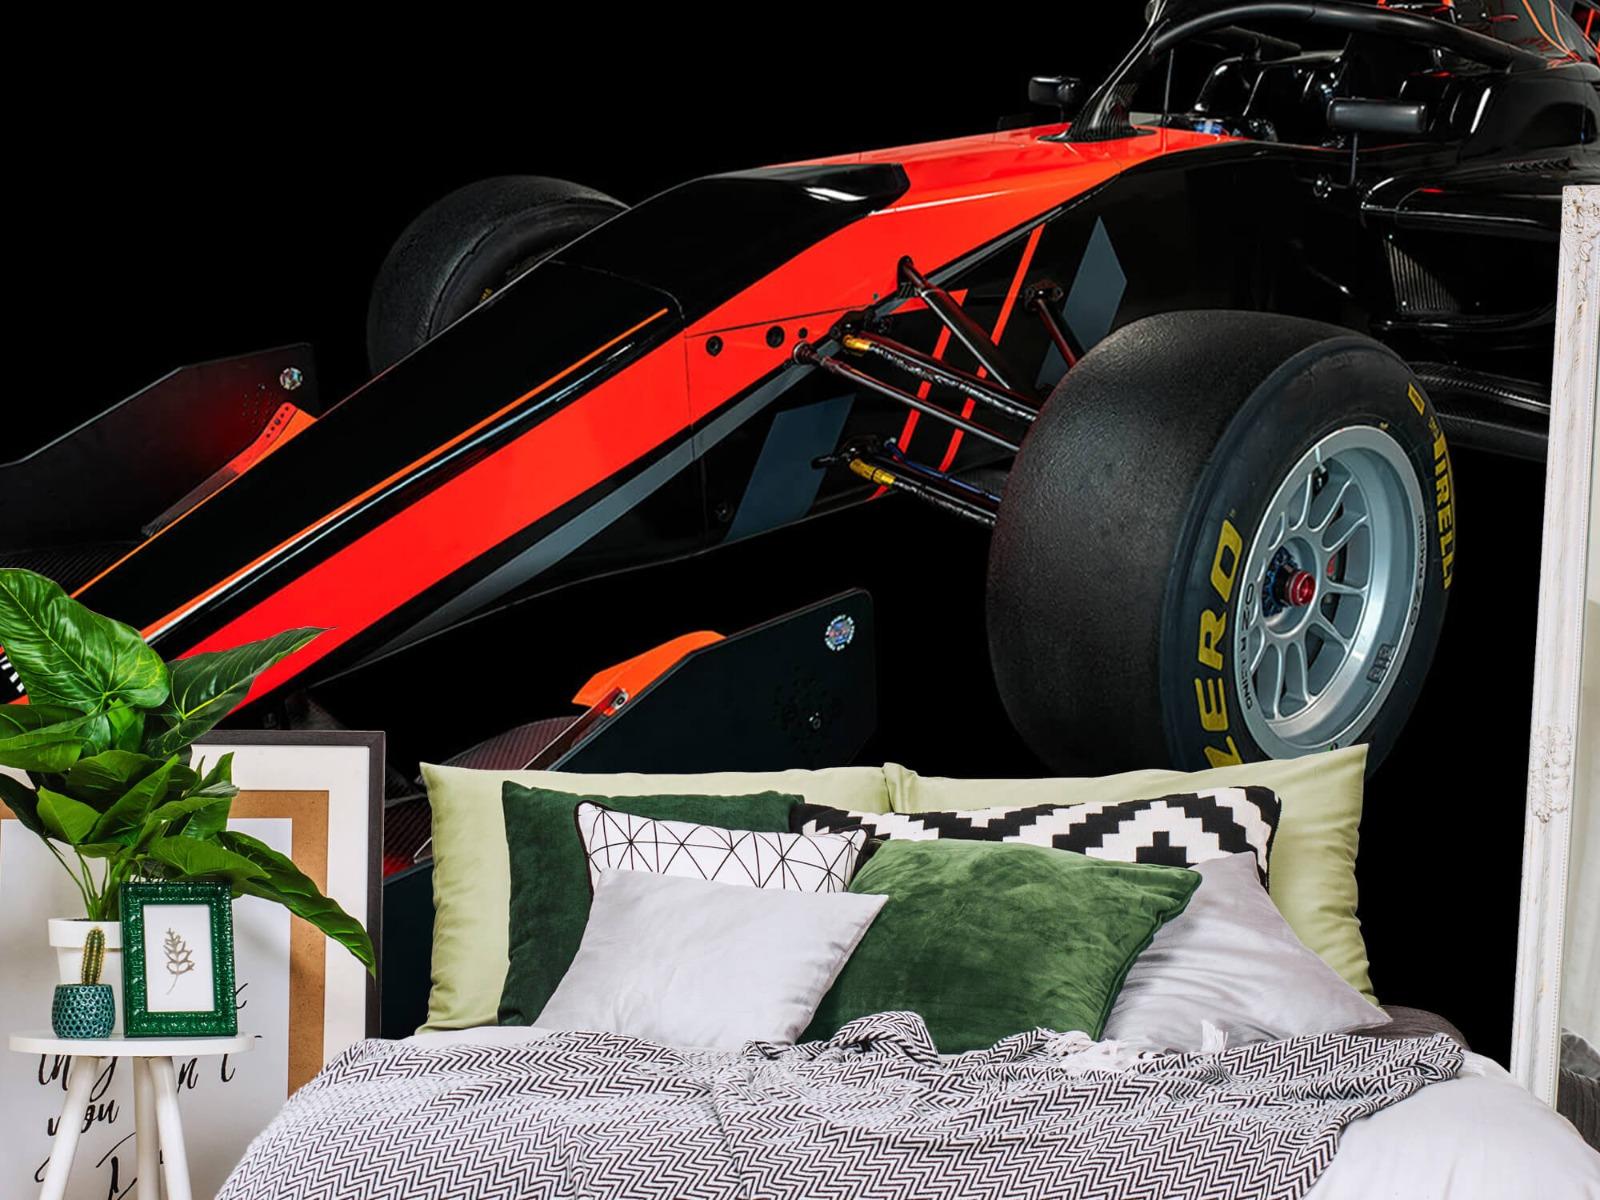 Sportauto's - Formule 3 - Left front view - dark - Vergaderruimte 12